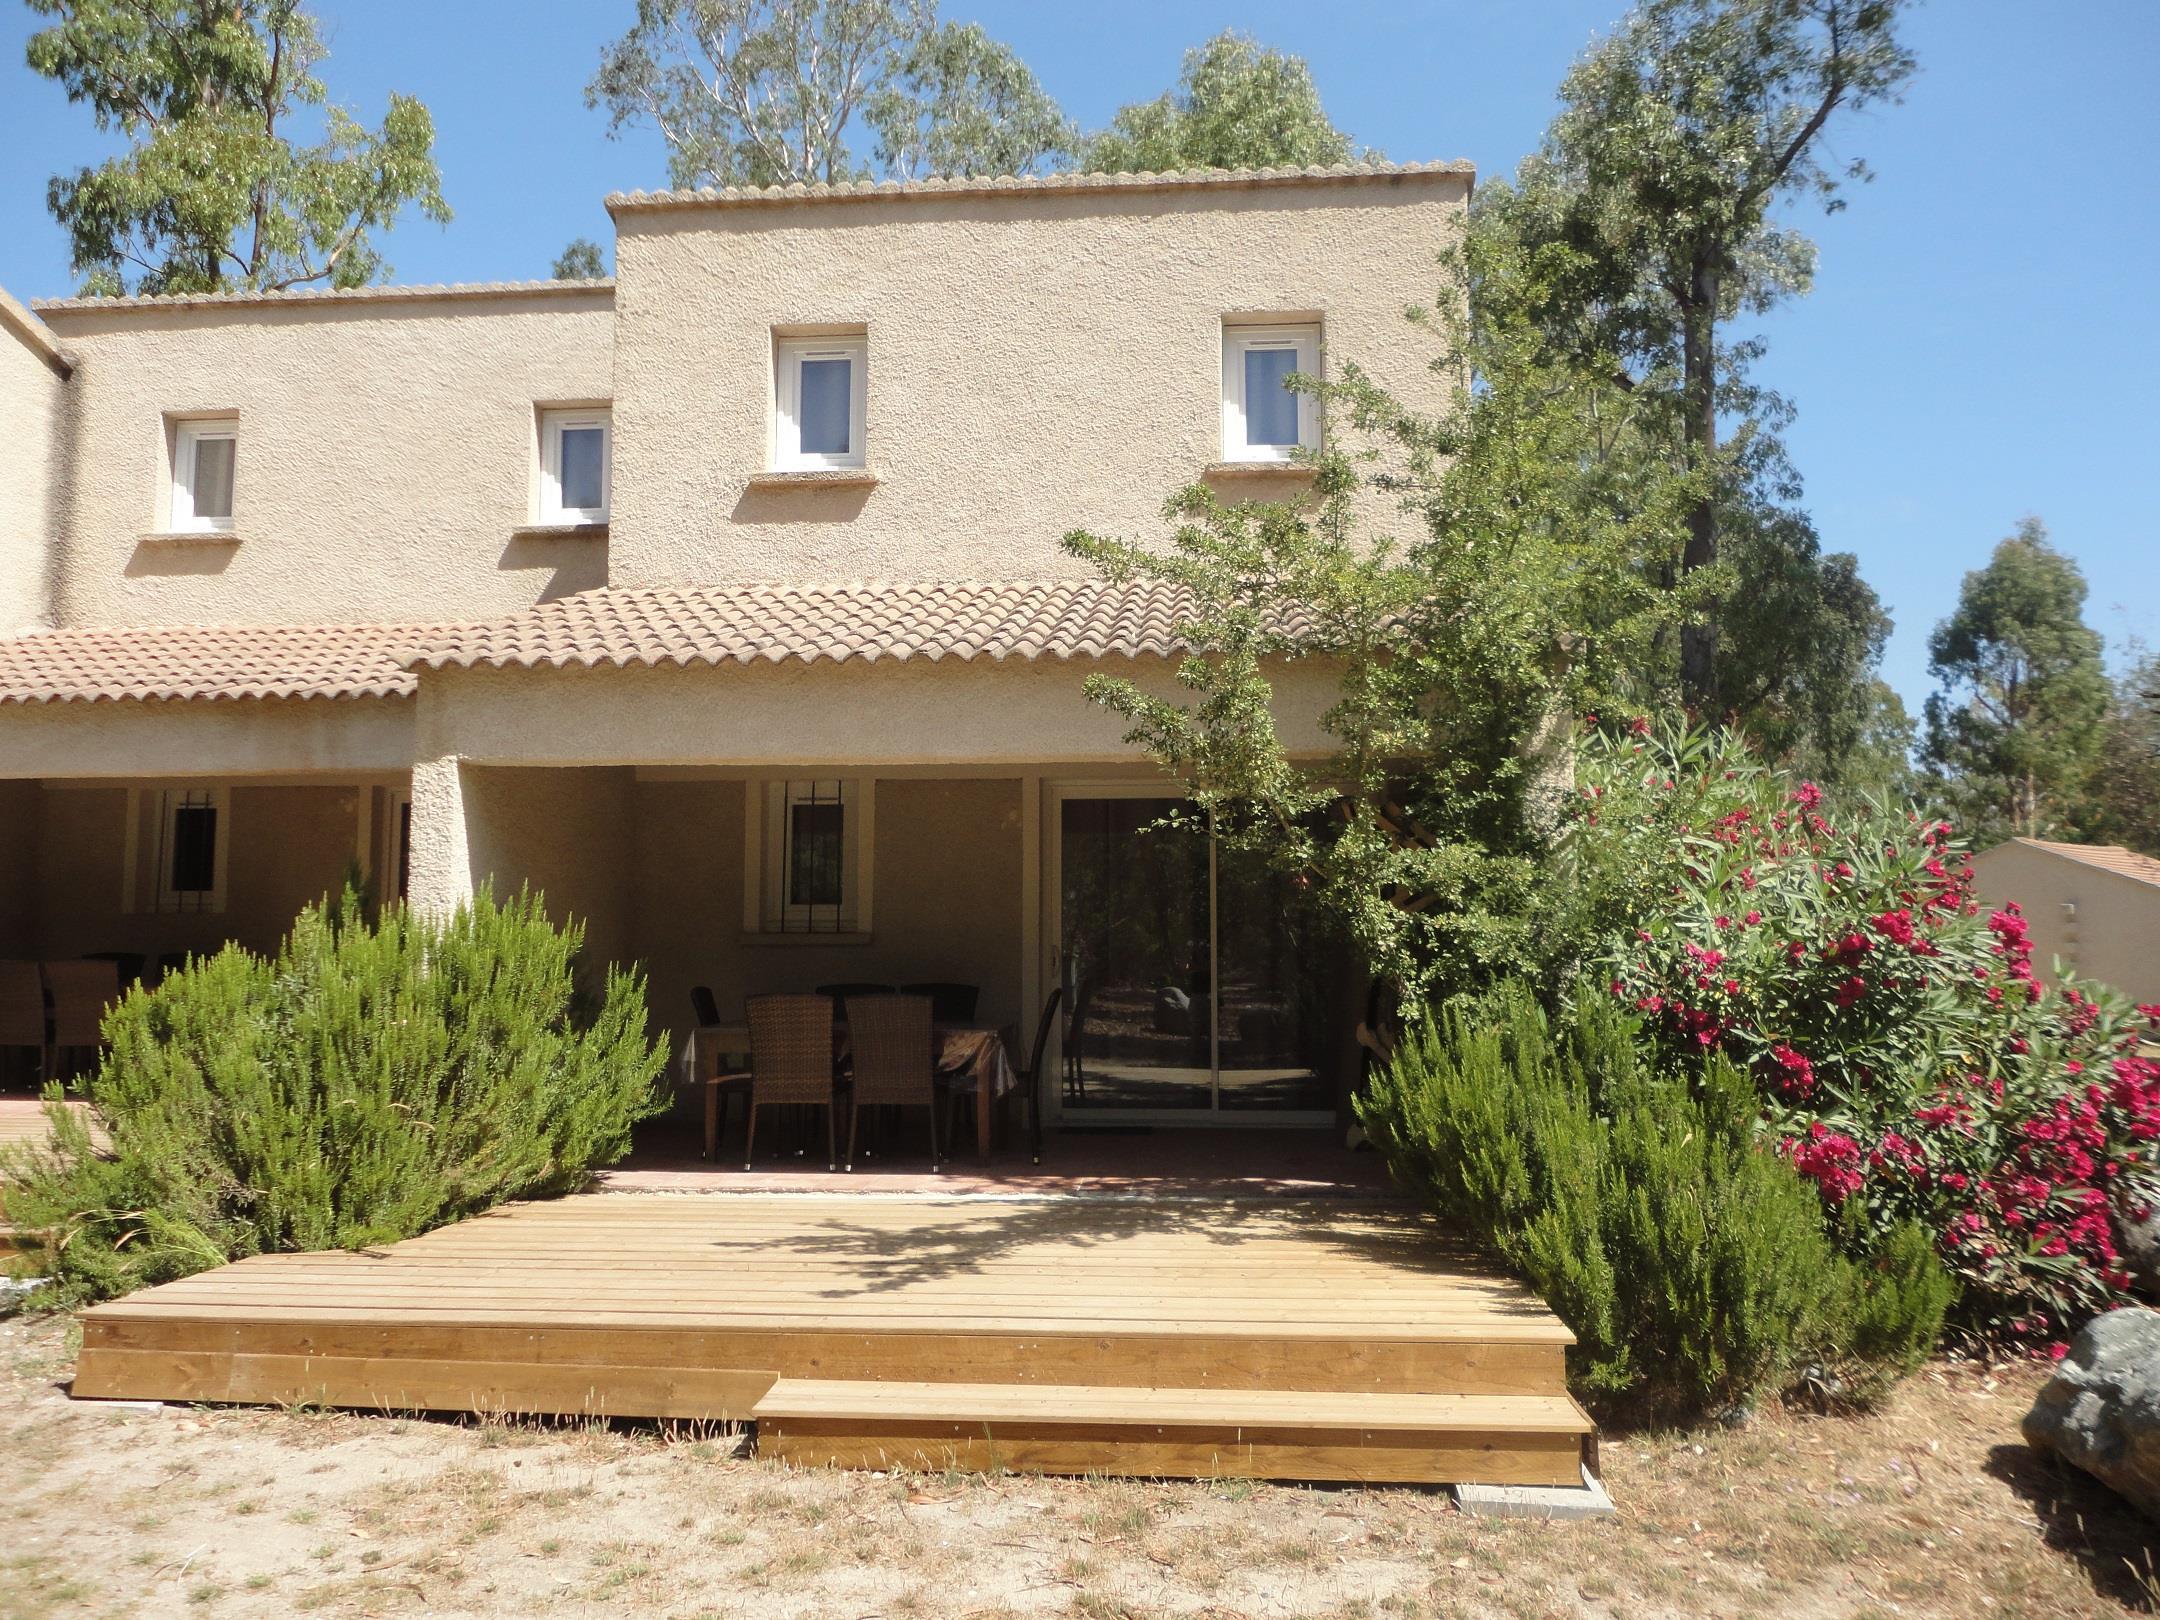 Location - Villa Type Bs (Rez-De-Chaussée, Etage) B28-B31 - Domaine naturiste de Bagheera